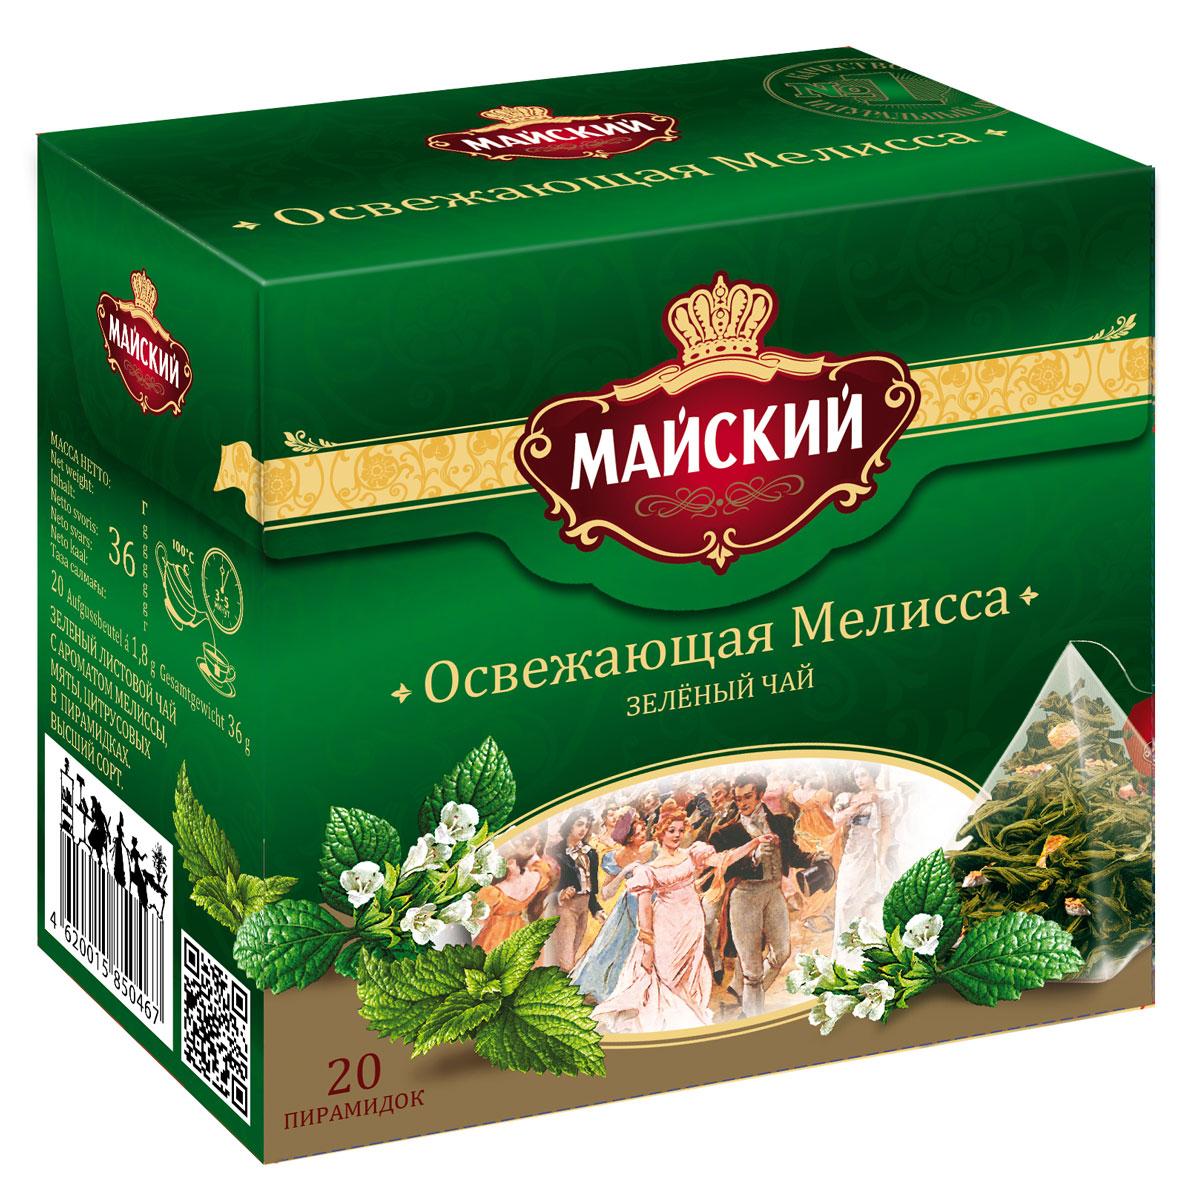 Майский Освежающая Мелисса зеленый чай в пирамидках, 20 шт110113Майский Освежающая Мелисса - зеленый листовой ароматизированный чай с мелиссой и мятой, с цедрой цитрусовых в пирамидках. Высший сорт.